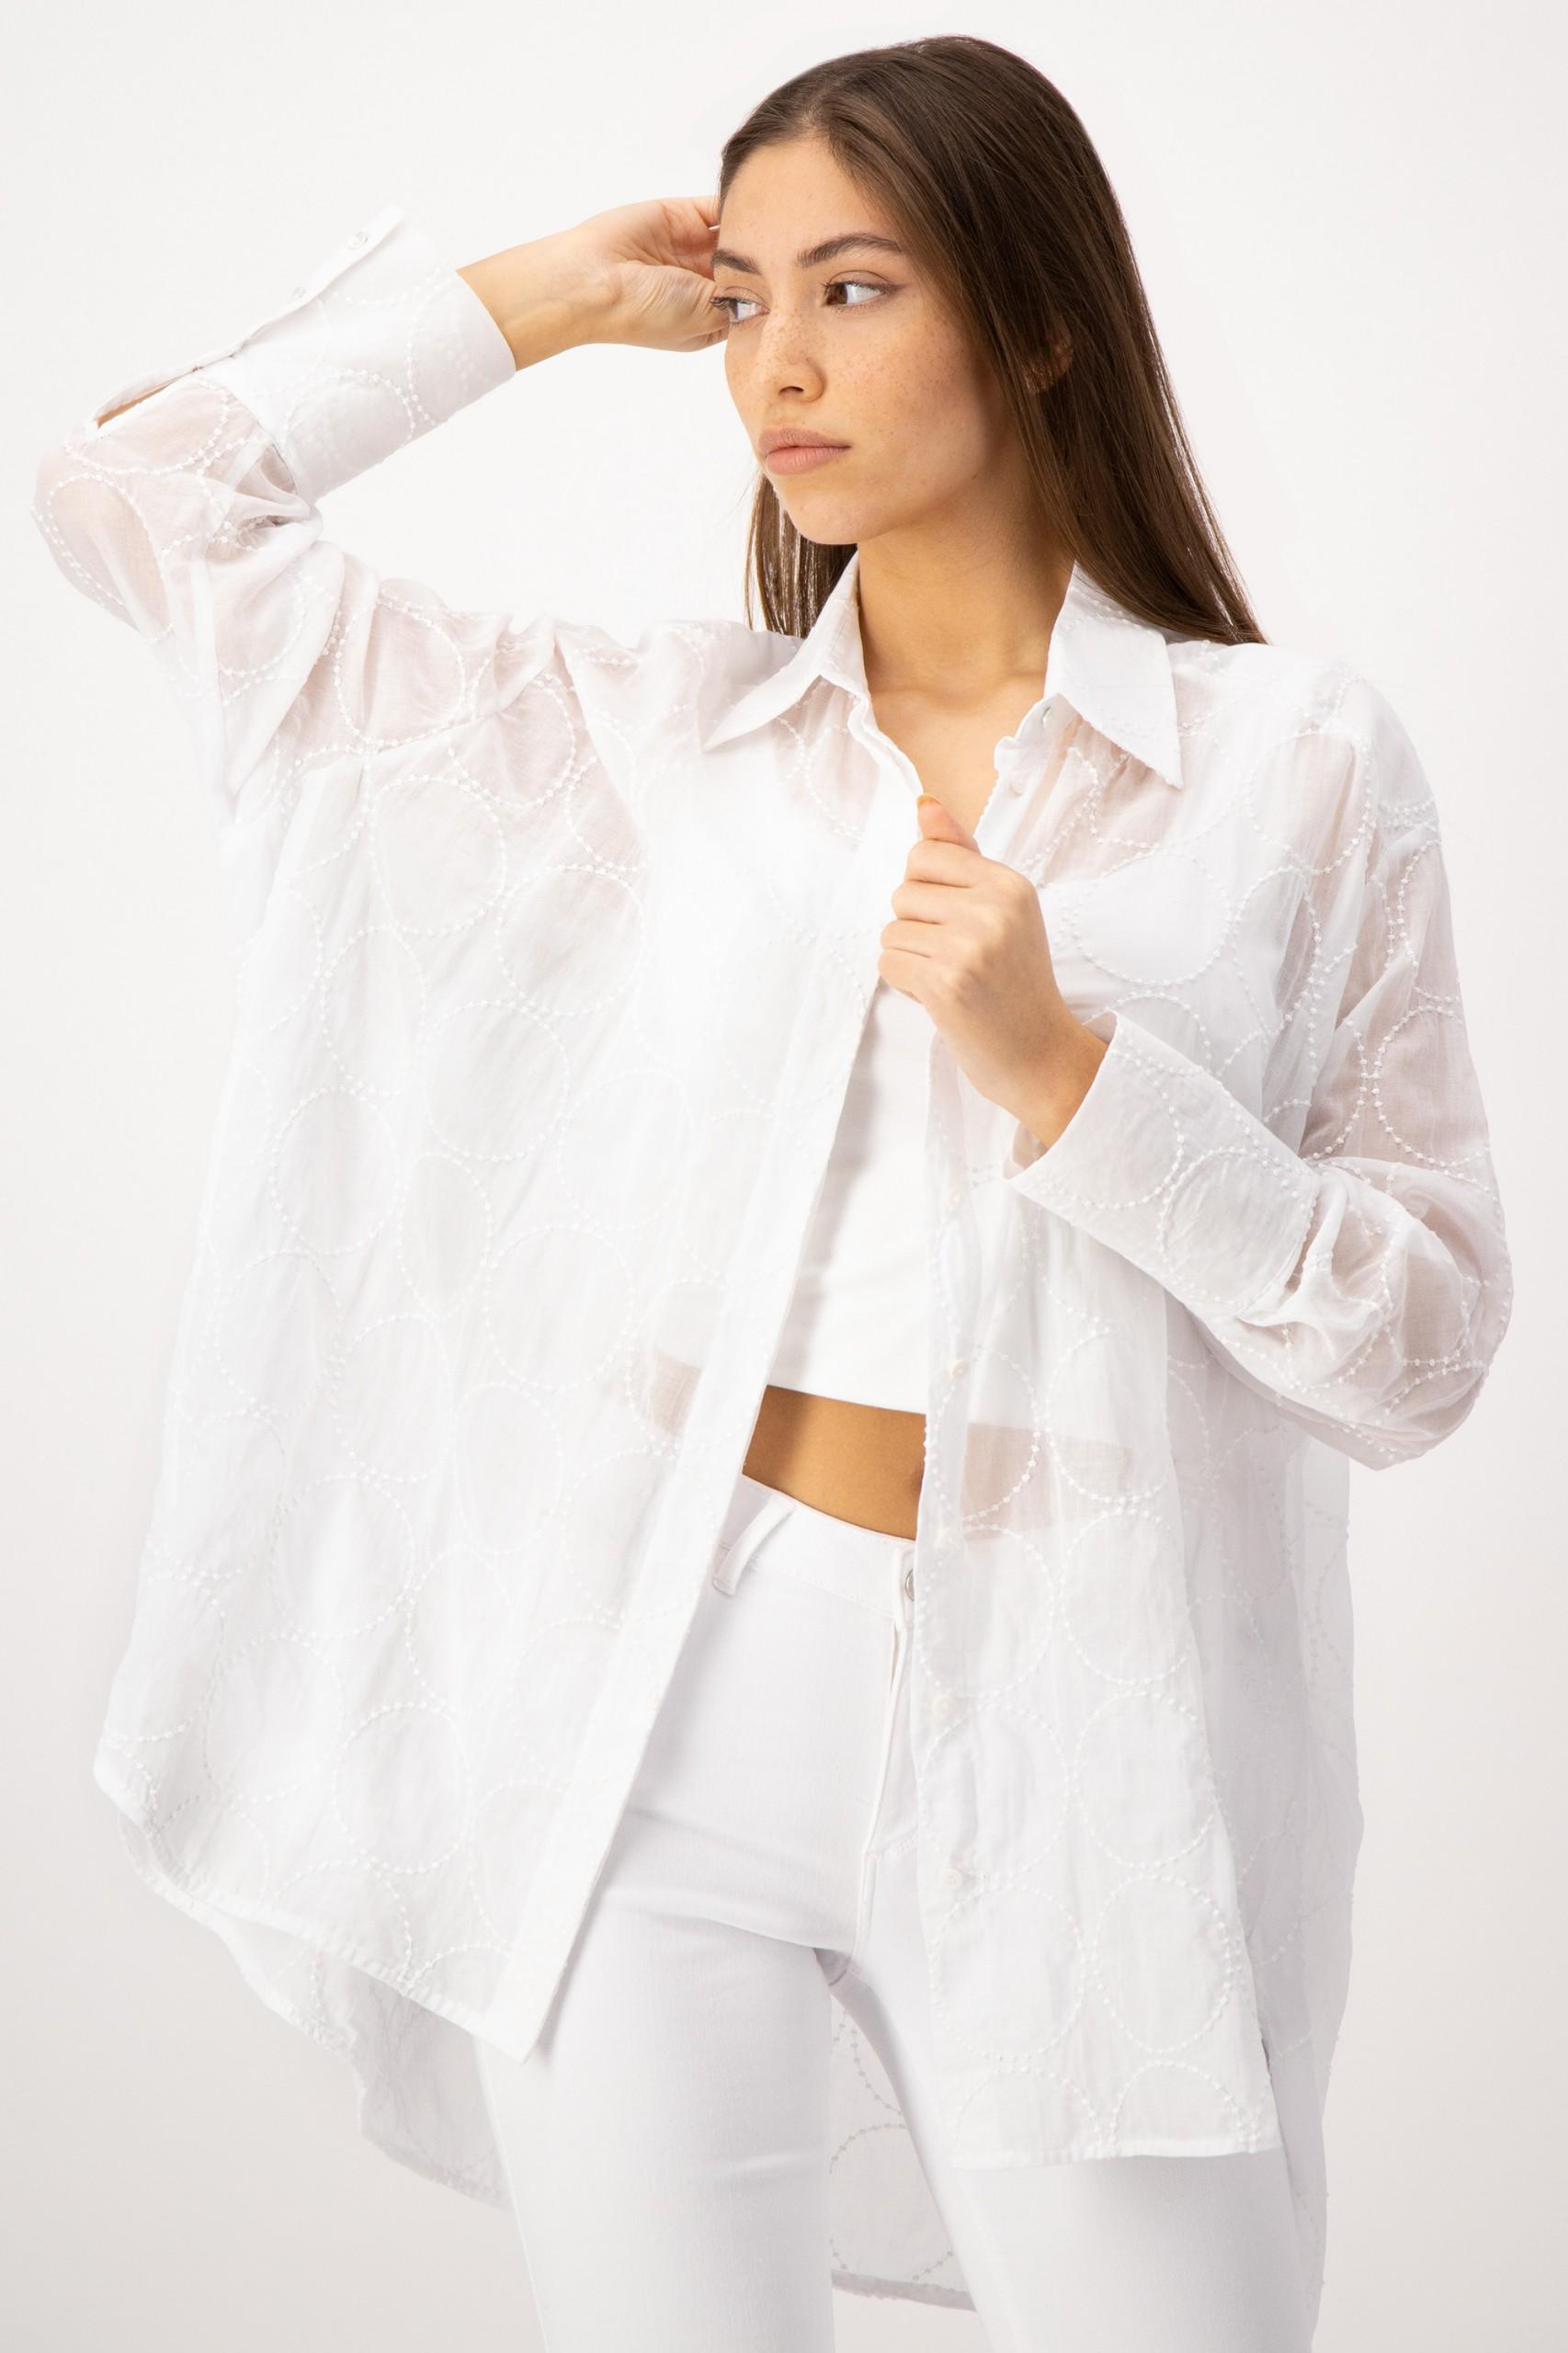 Bluse durchsichtige weiße Durchsichtige Bluse